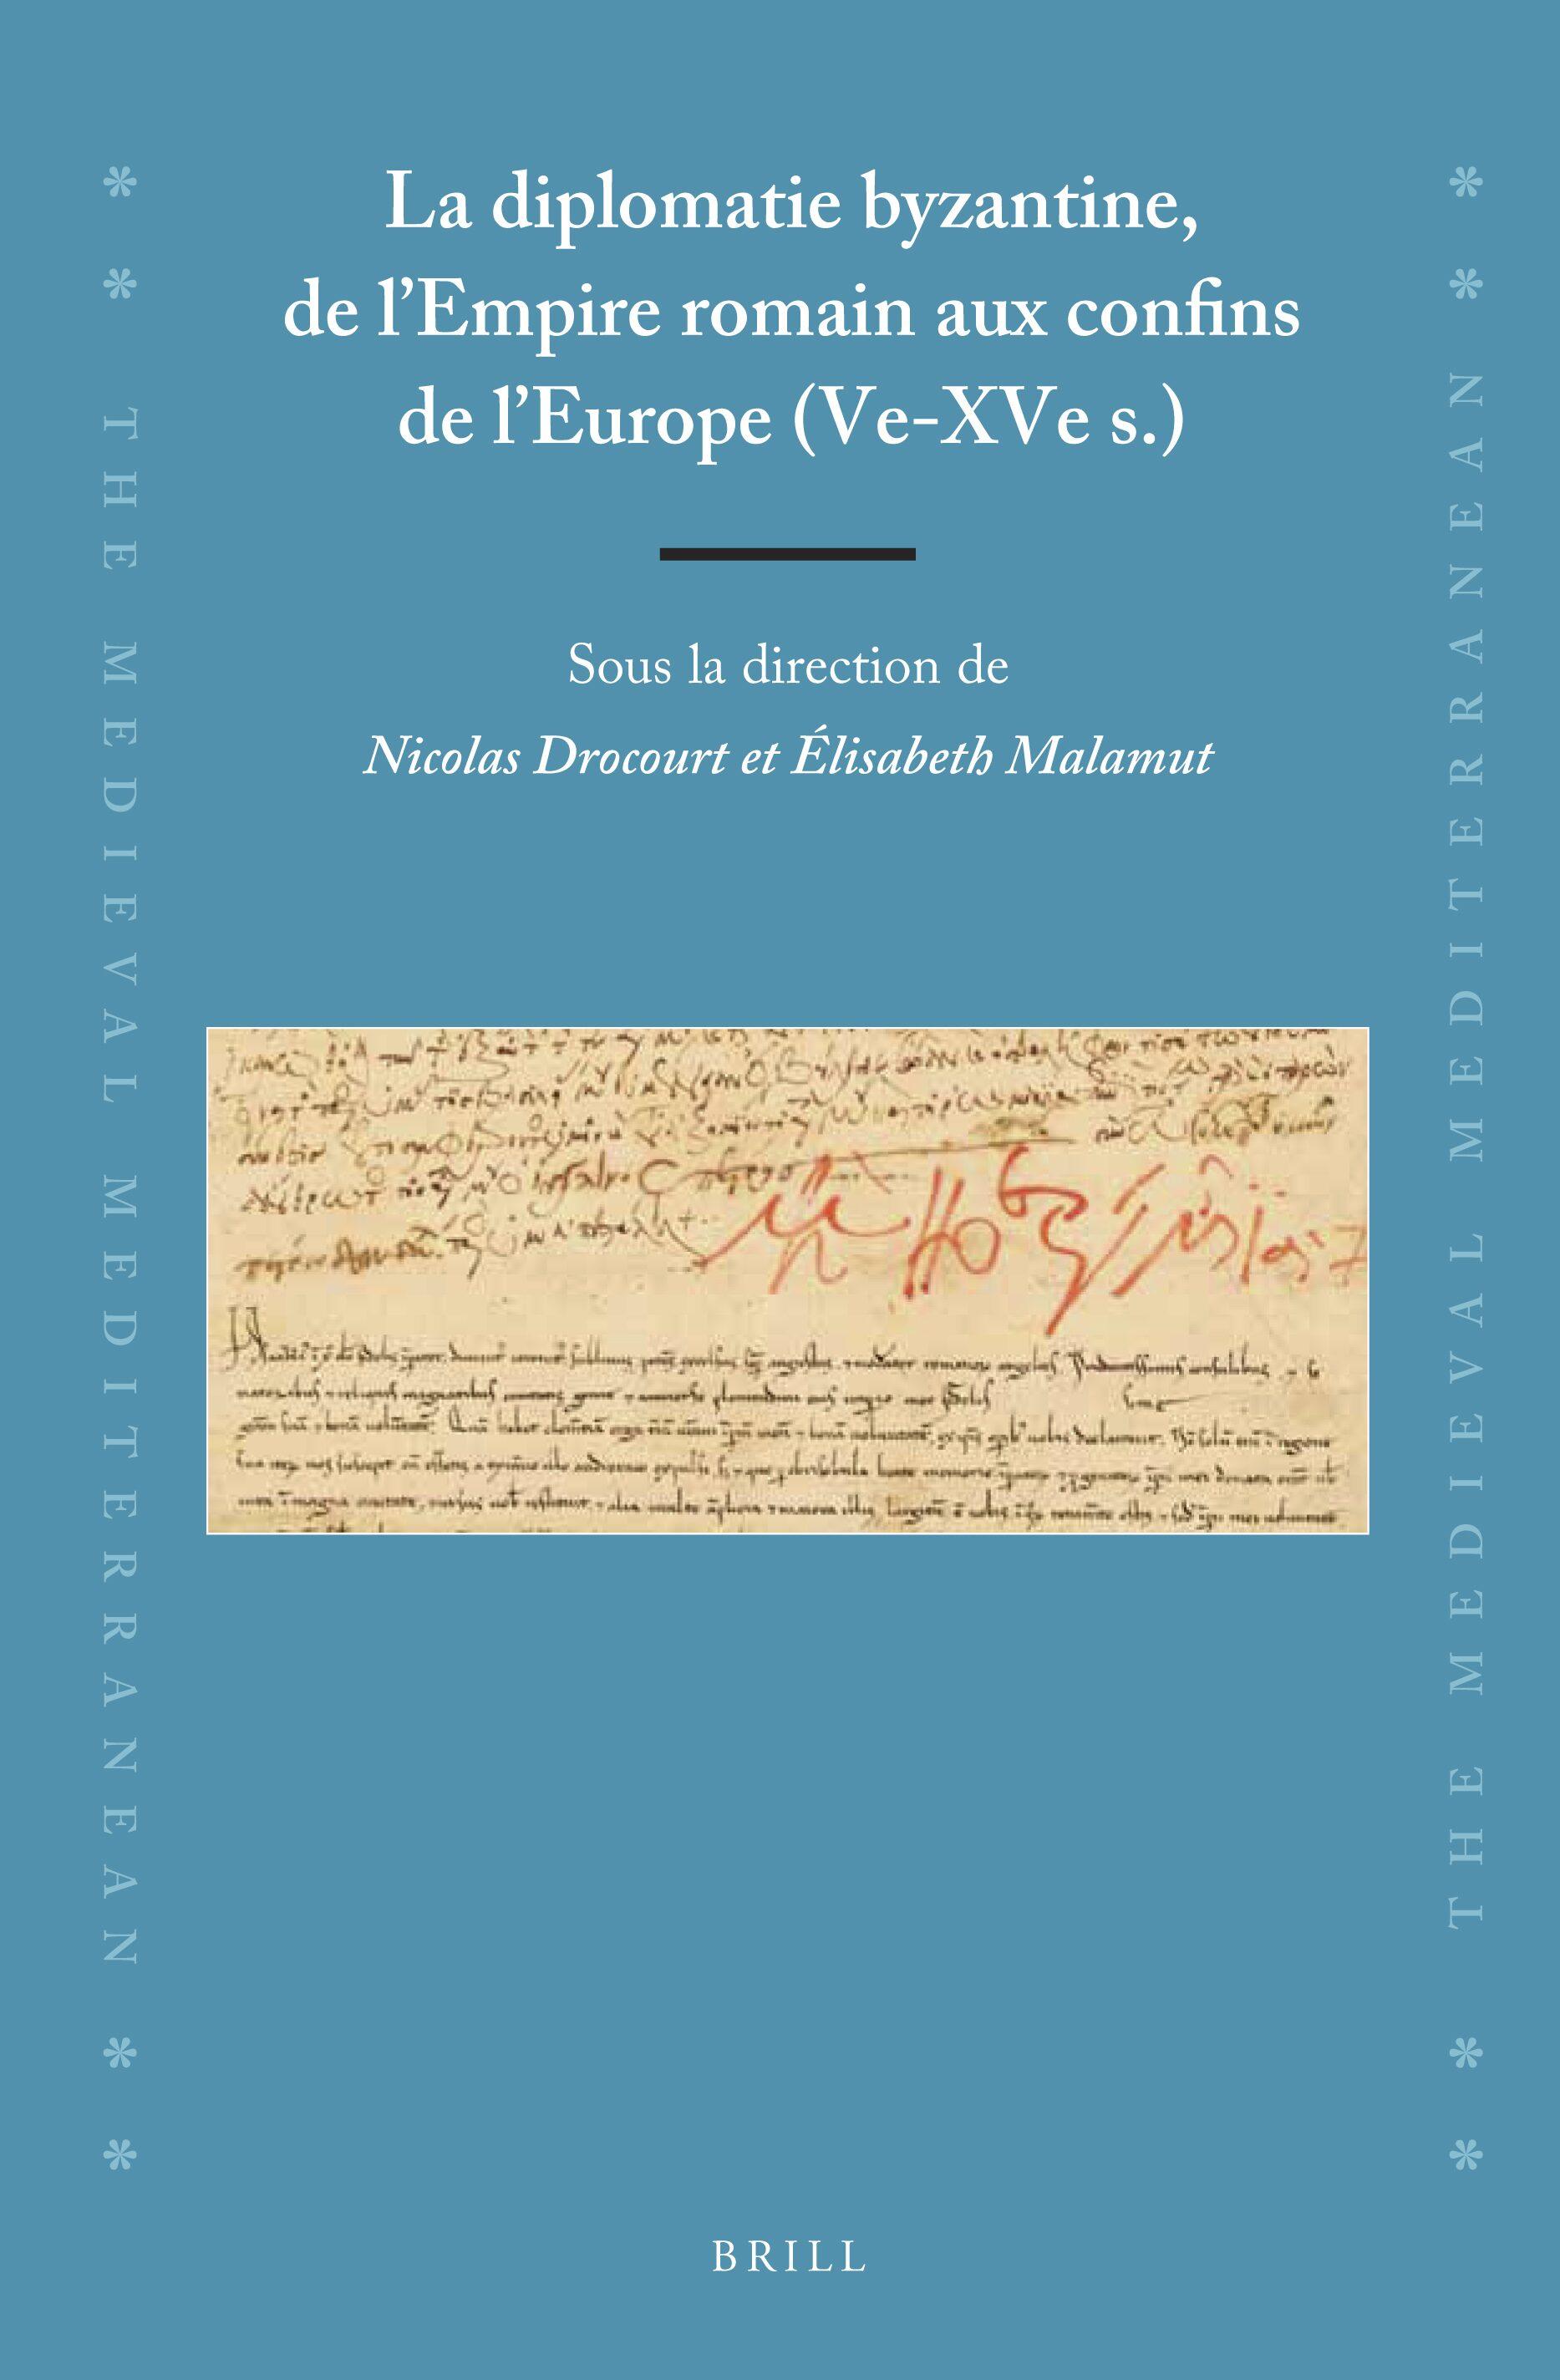 La diplomatie byzantine, de l'Empire romain aux confins de l ...